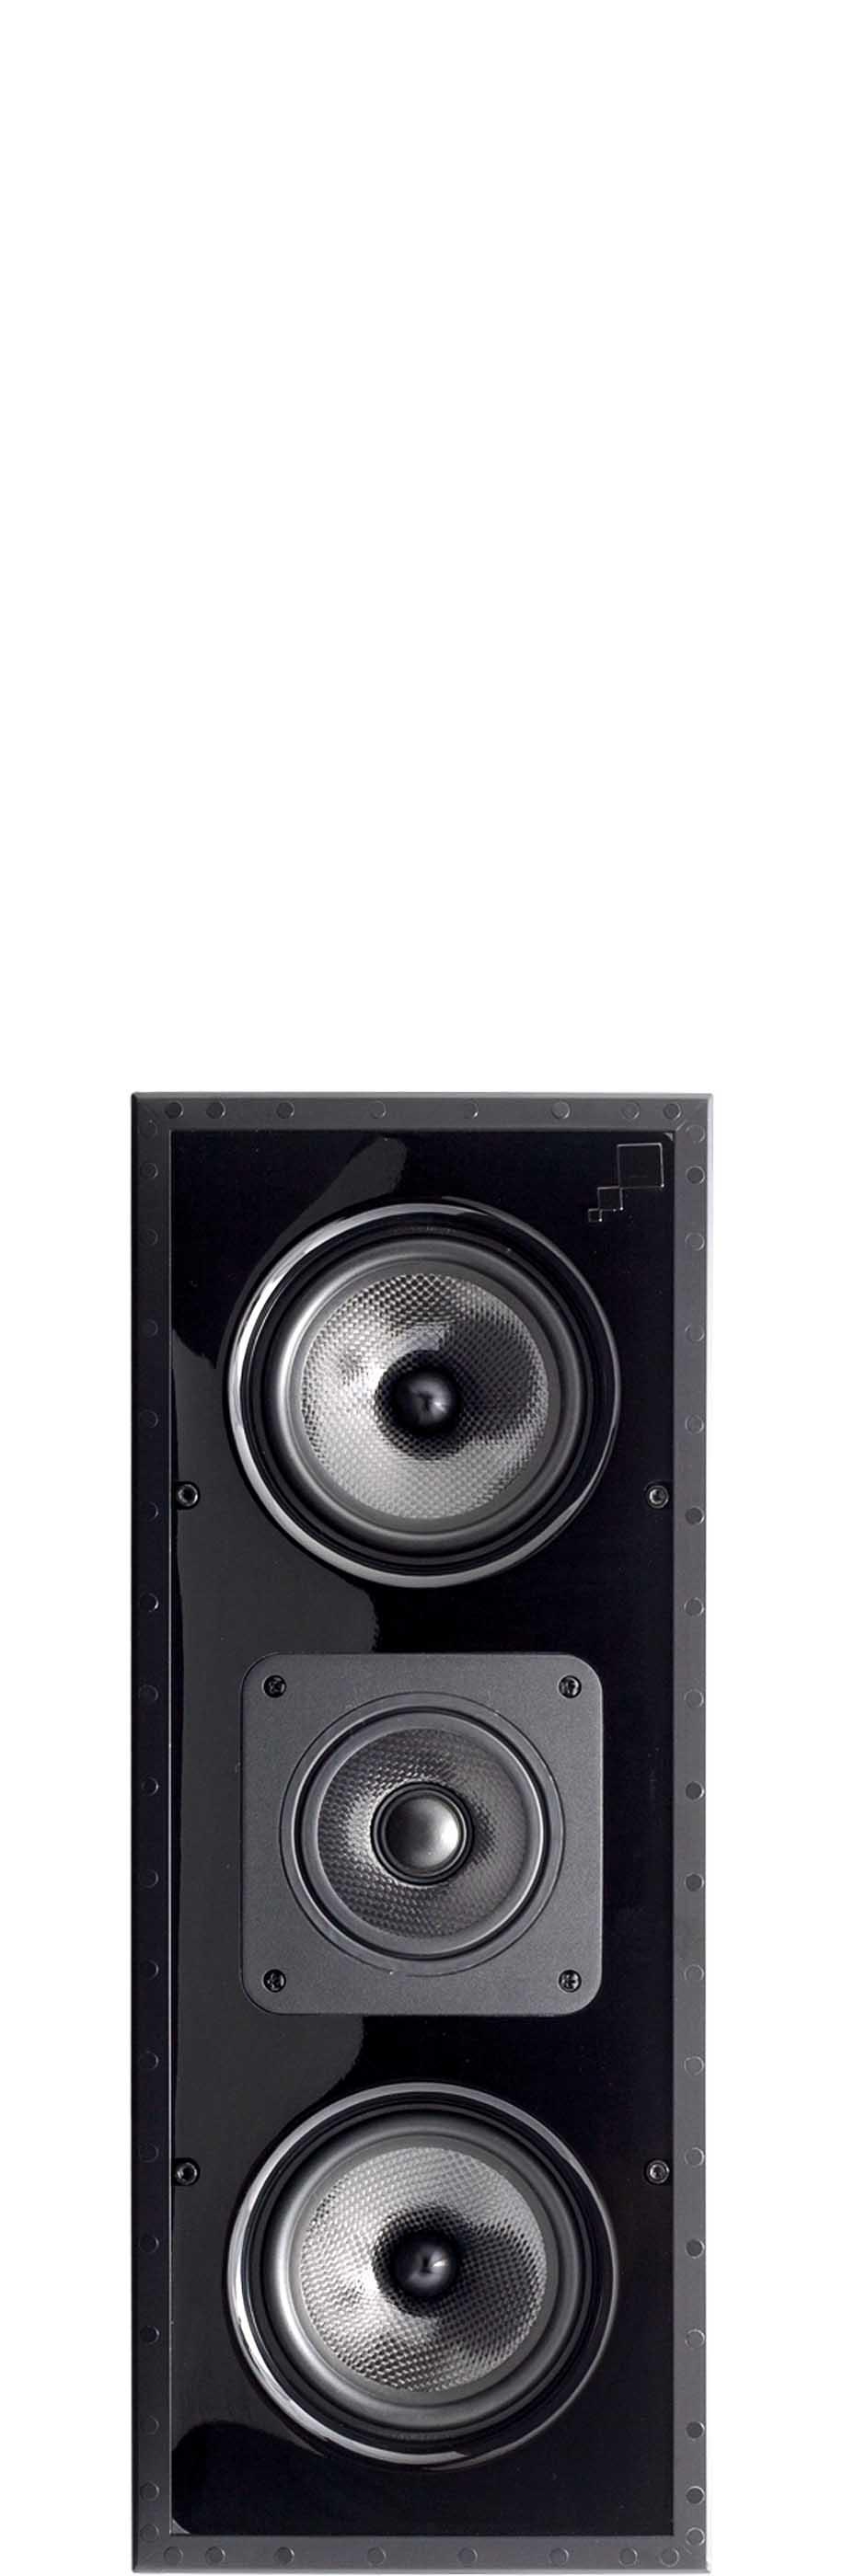 LCR1_120346 - встраиваемые в стены акустические системы